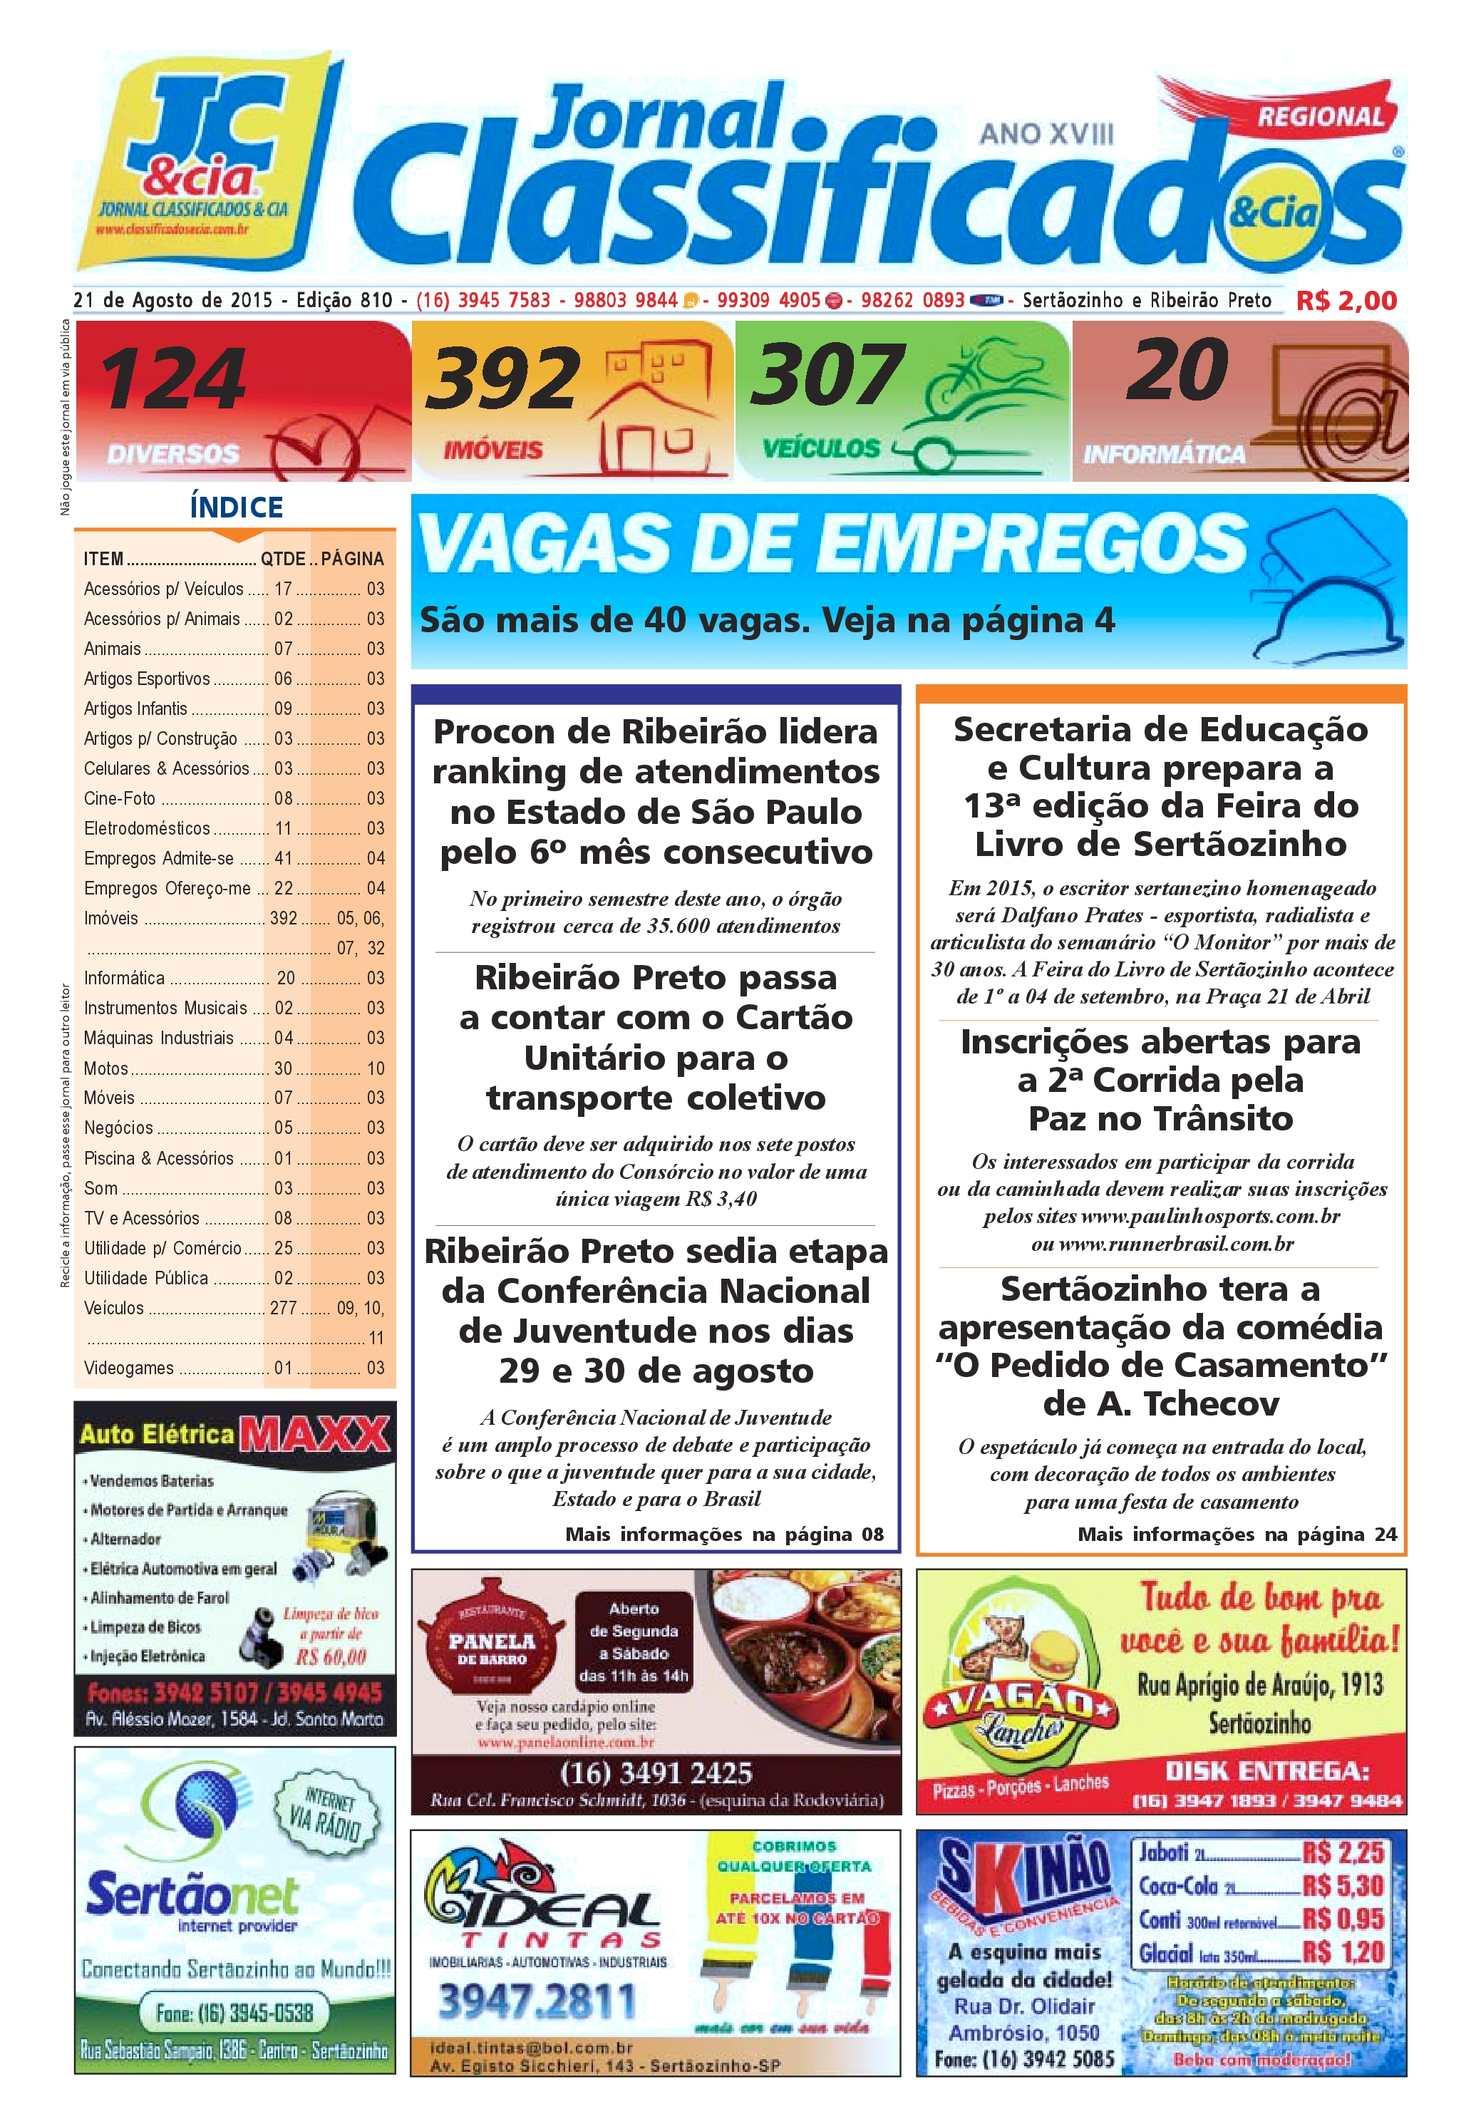 ad7ee30114b Calaméo - Regional 810